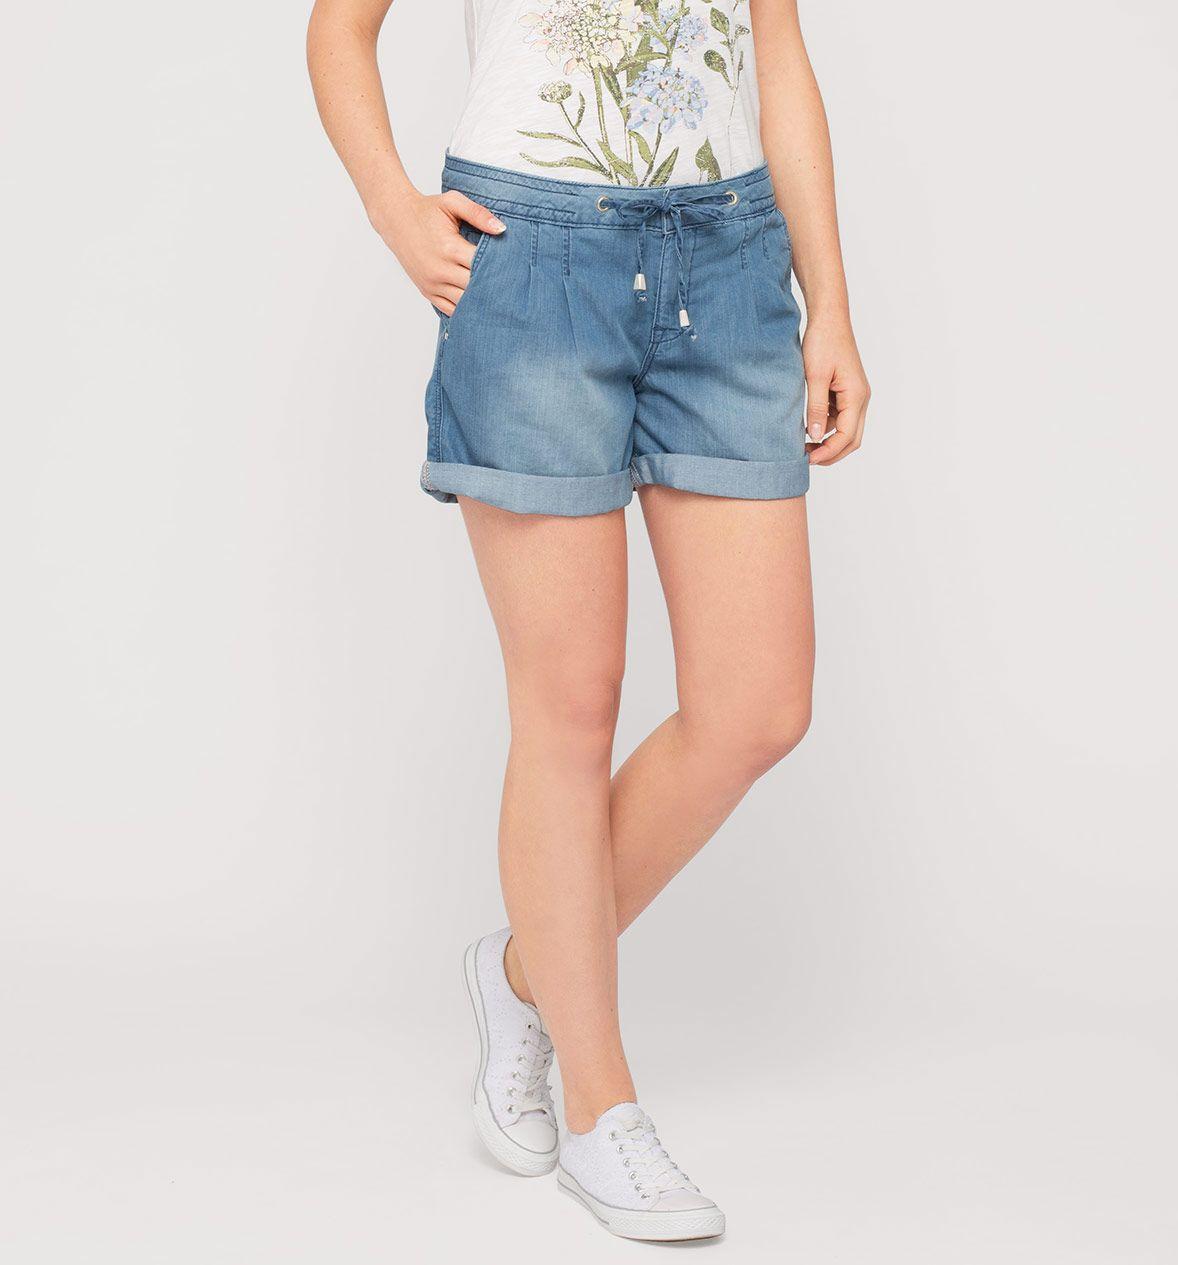 Krotkie Spodnie Z Dzialu Kobiety Kolor Niebieski Niskie Ceny W Sklepie C A On Line Womens Shorts Fashion Women